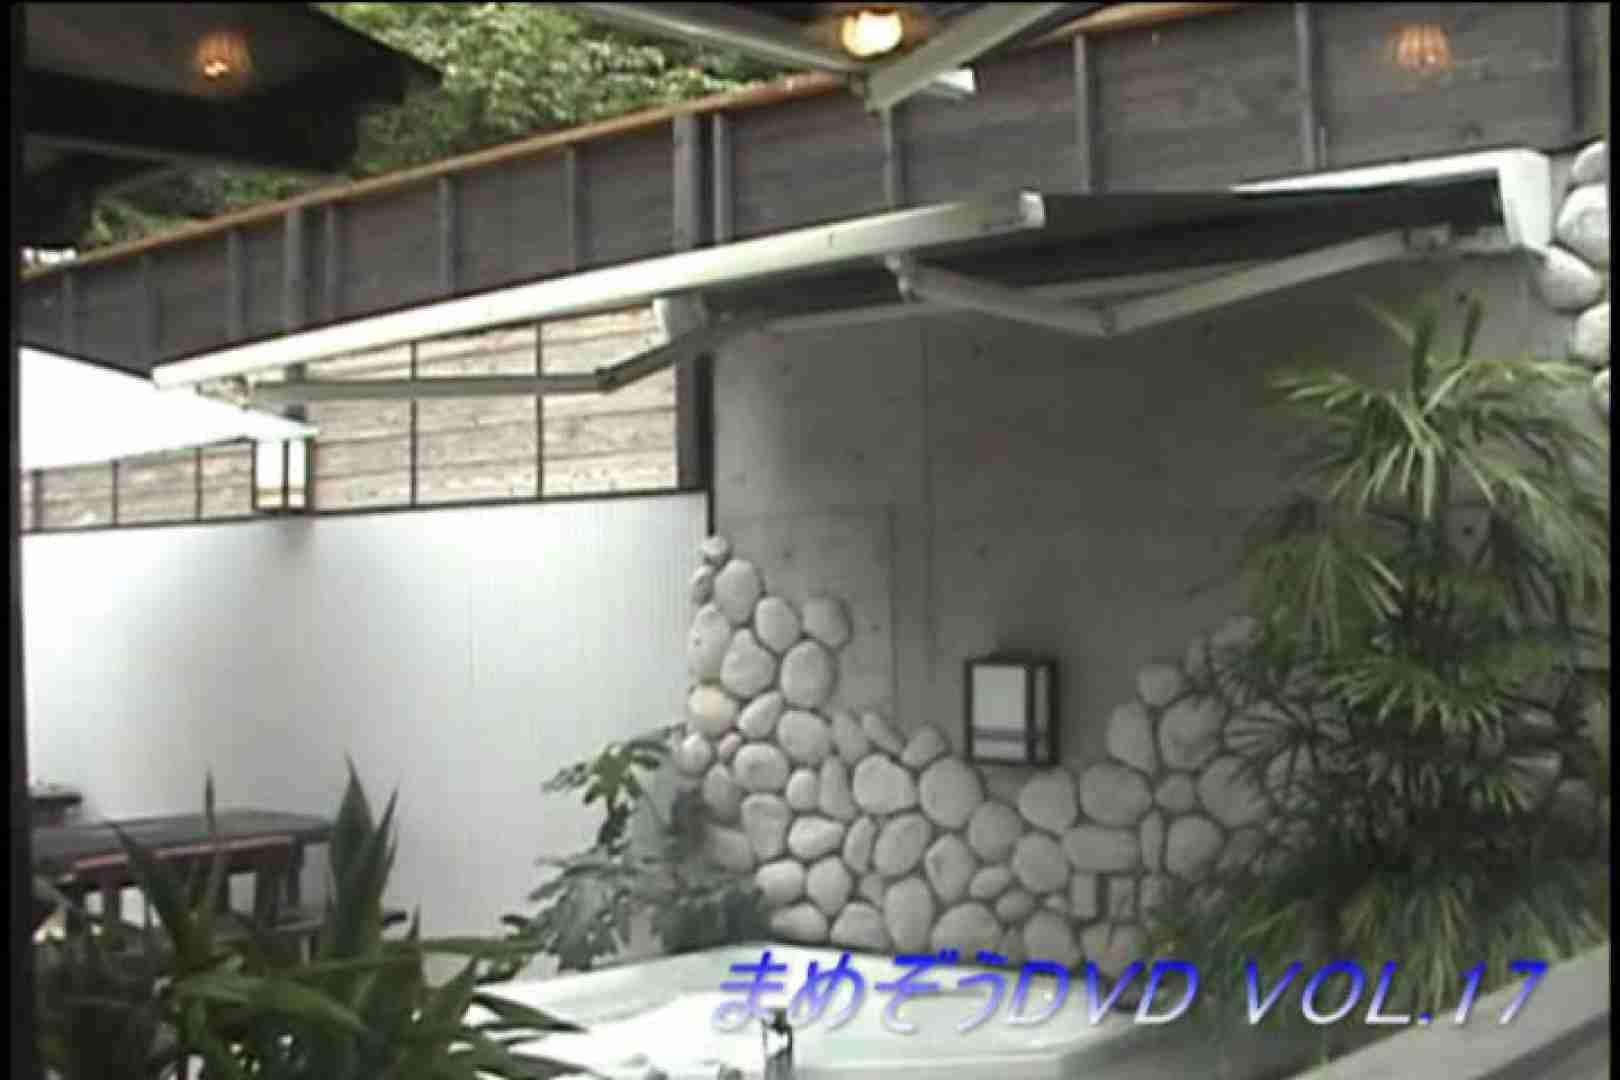 まめぞうDVD完全版VOL.17 洗面所 | ギャル攻め  94画像 55